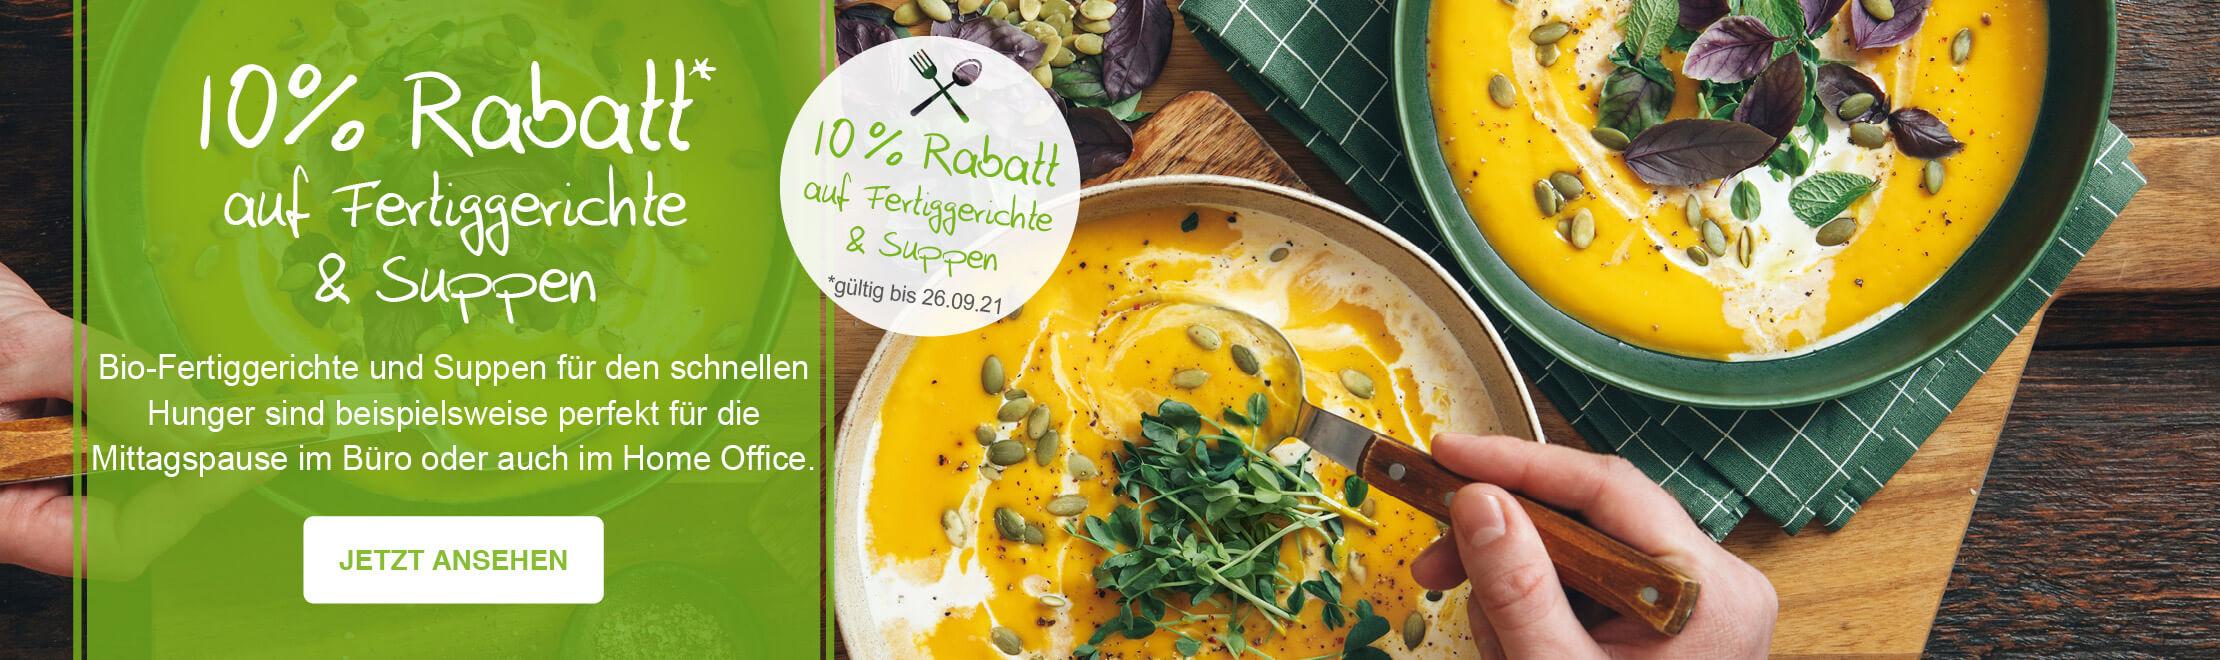 10% Vegetarische Küche